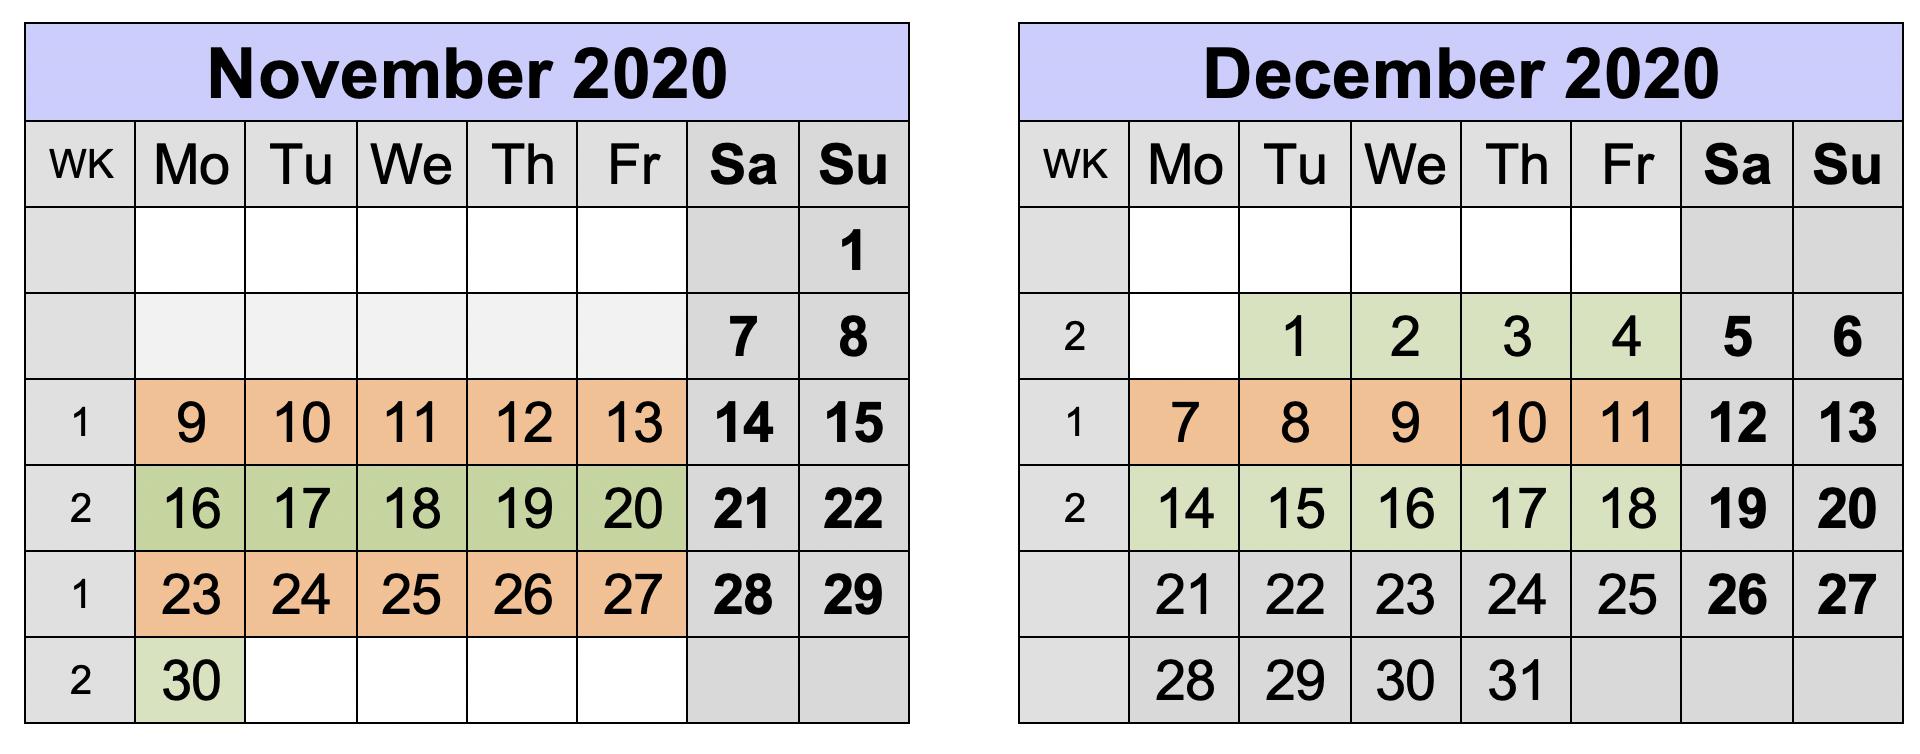 Screenshot 2020-11-04 at 12.32.00